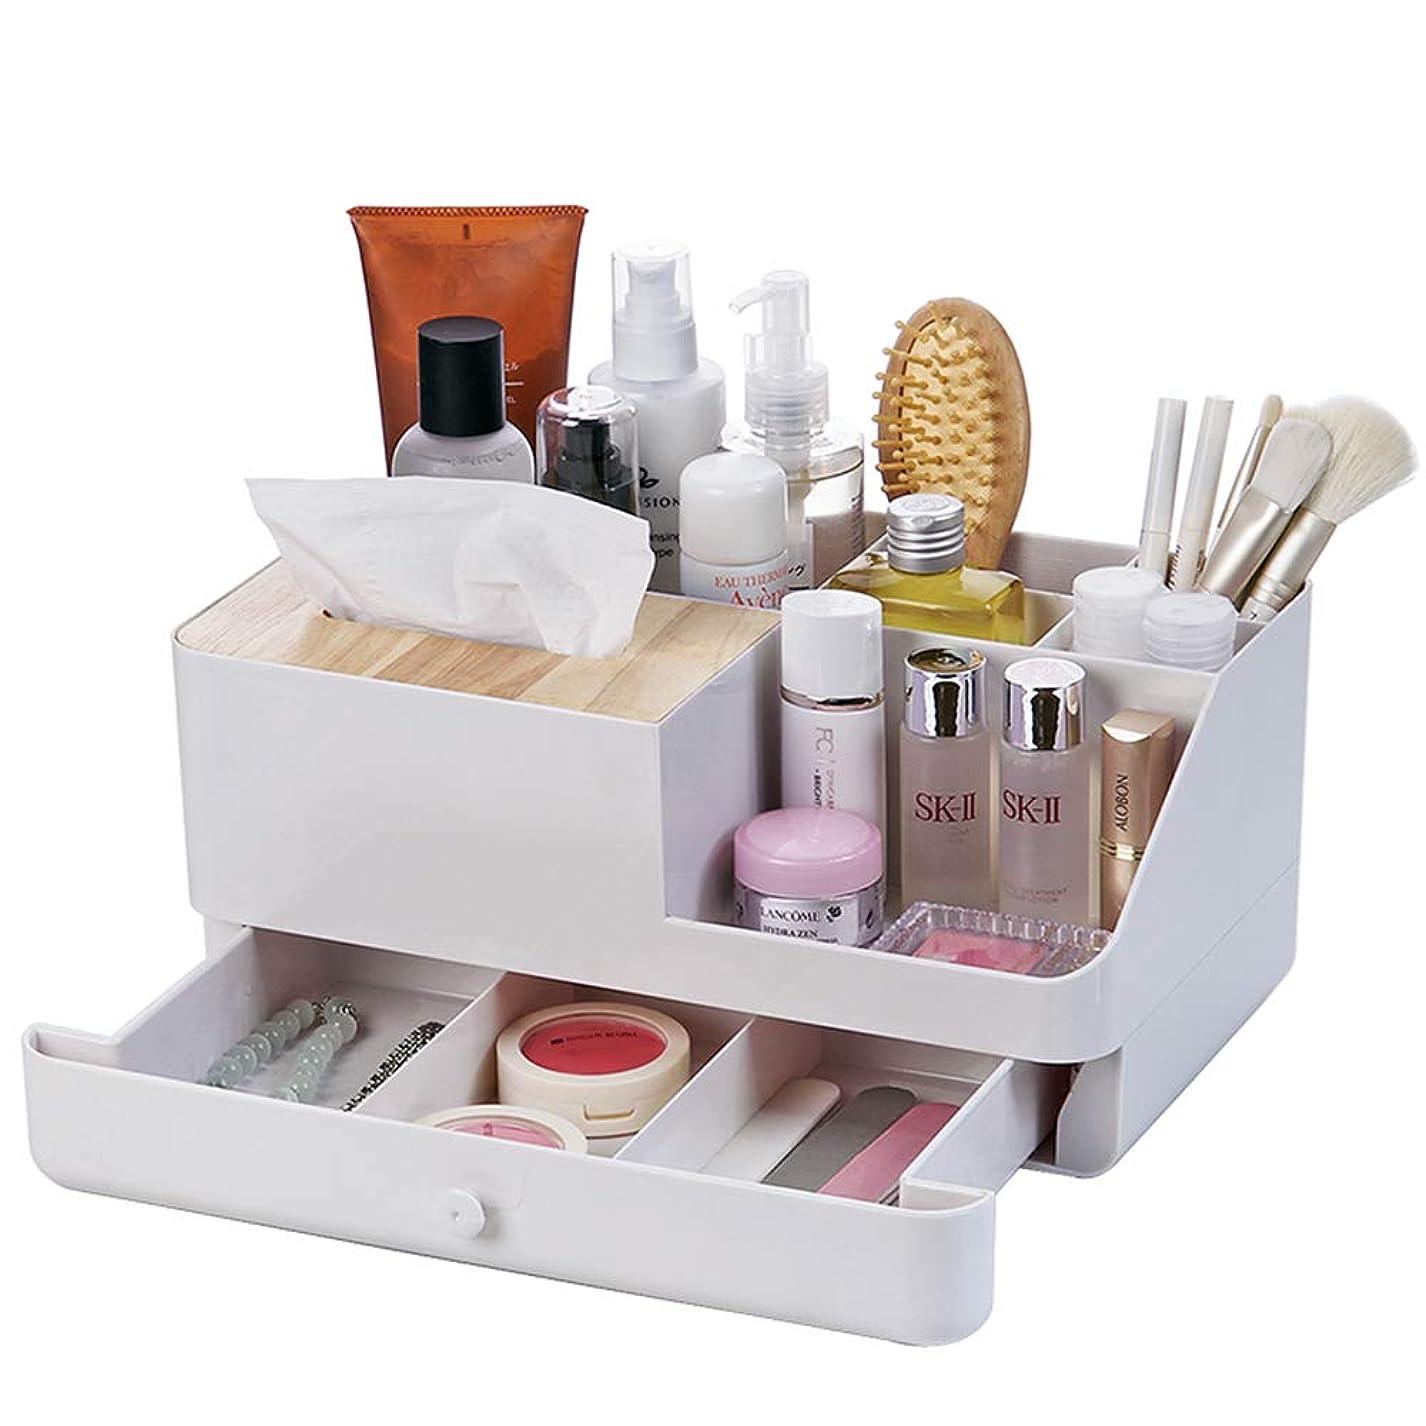 頻繁に永続衣装化粧品収納ボックス BAFFECT コスメボックス 二階収納 水切り 一体型 コスメ アクセサリー ティッシュ 小物入れに適用 ホワイト